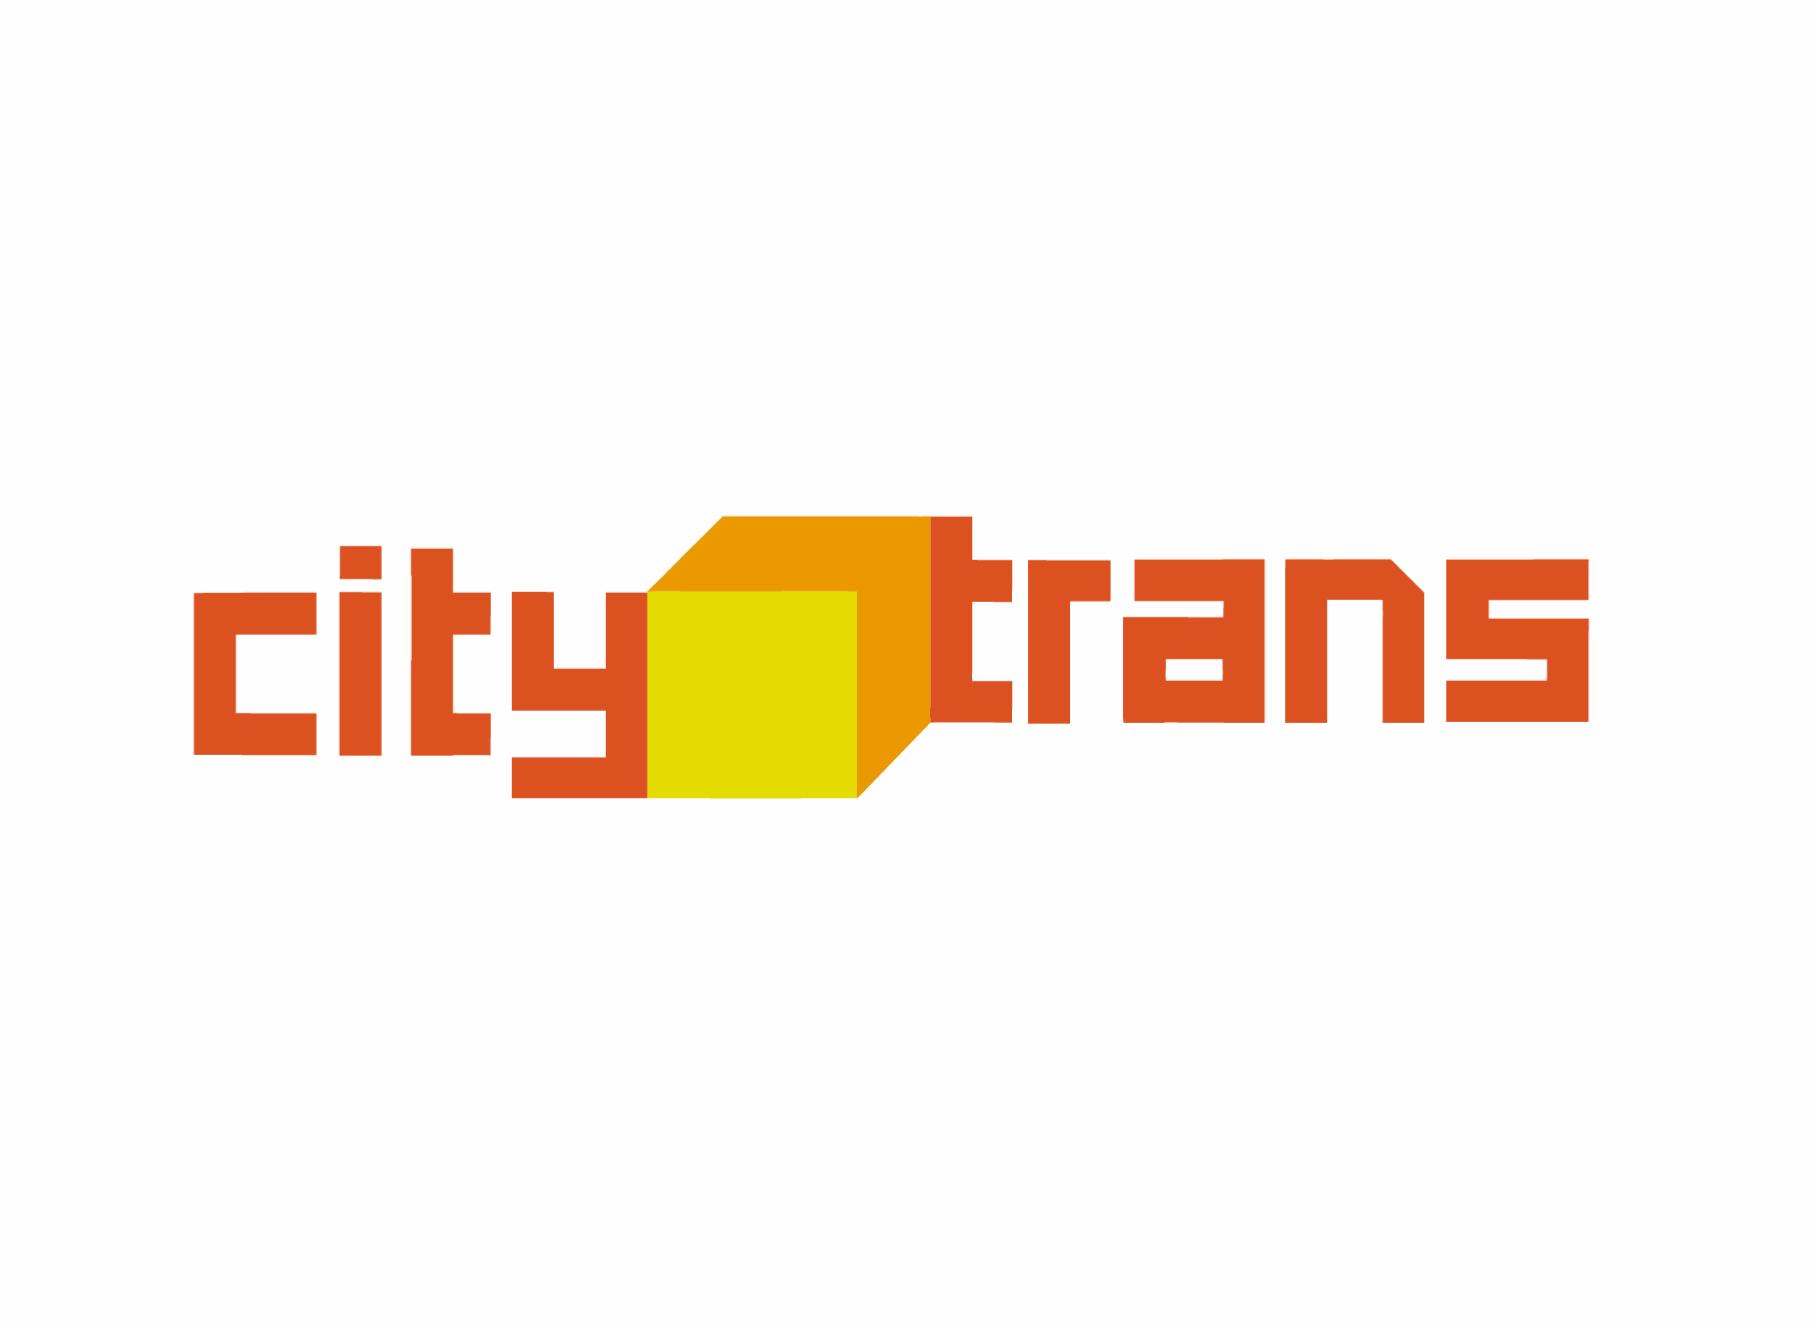 Разработка Логотипа транспортной компании фото f_4155e6f4b3140766.png